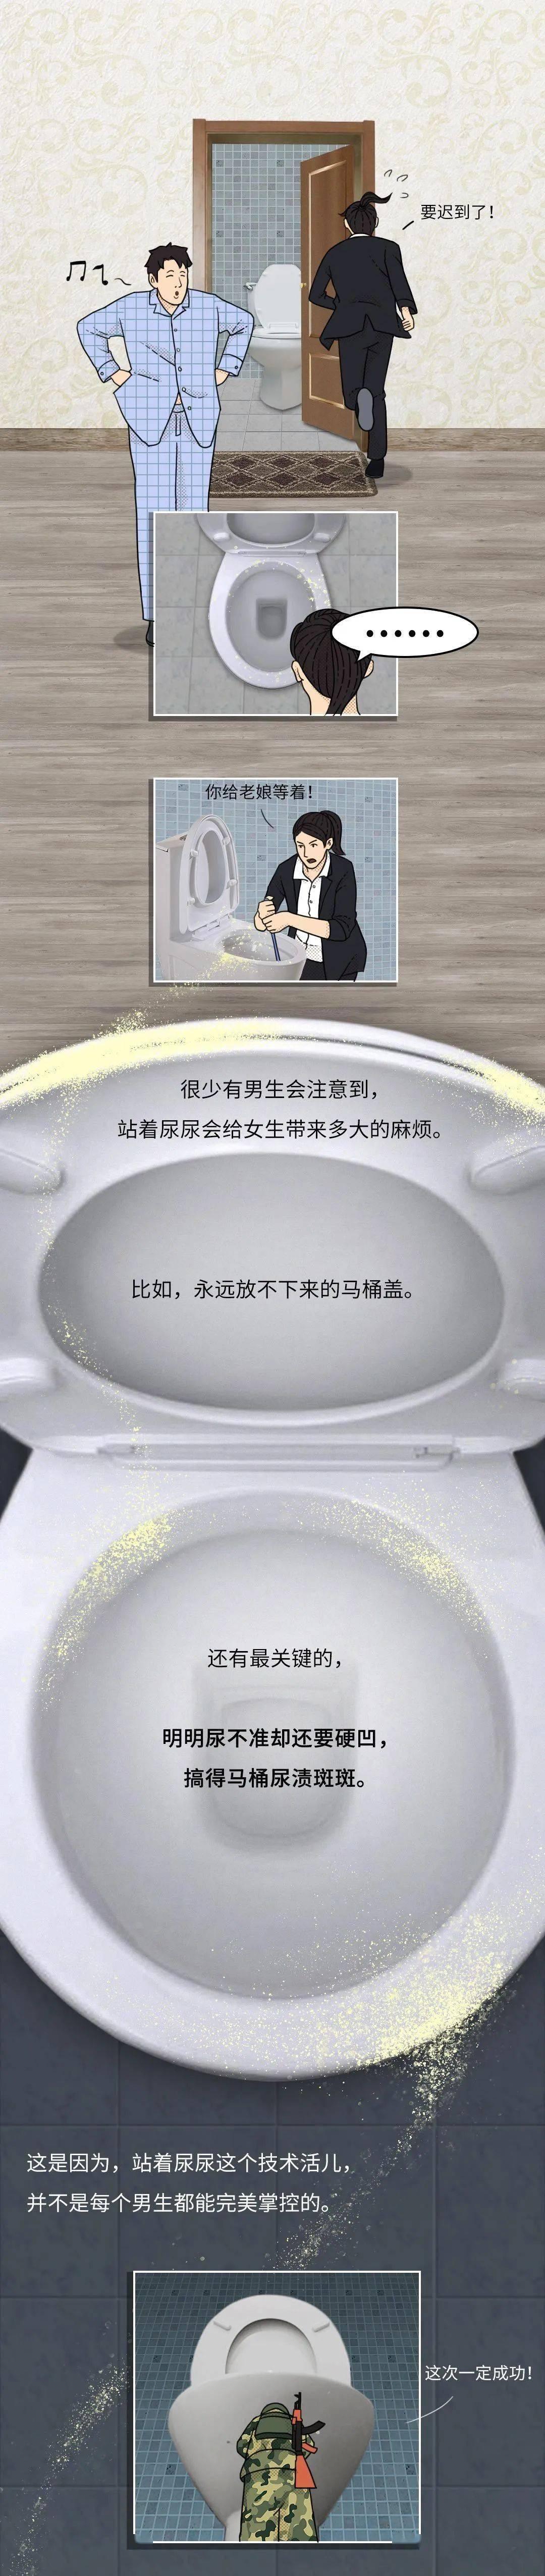 坐着尿尿,是一个男人成熟的标志 锻炼方法 第1张